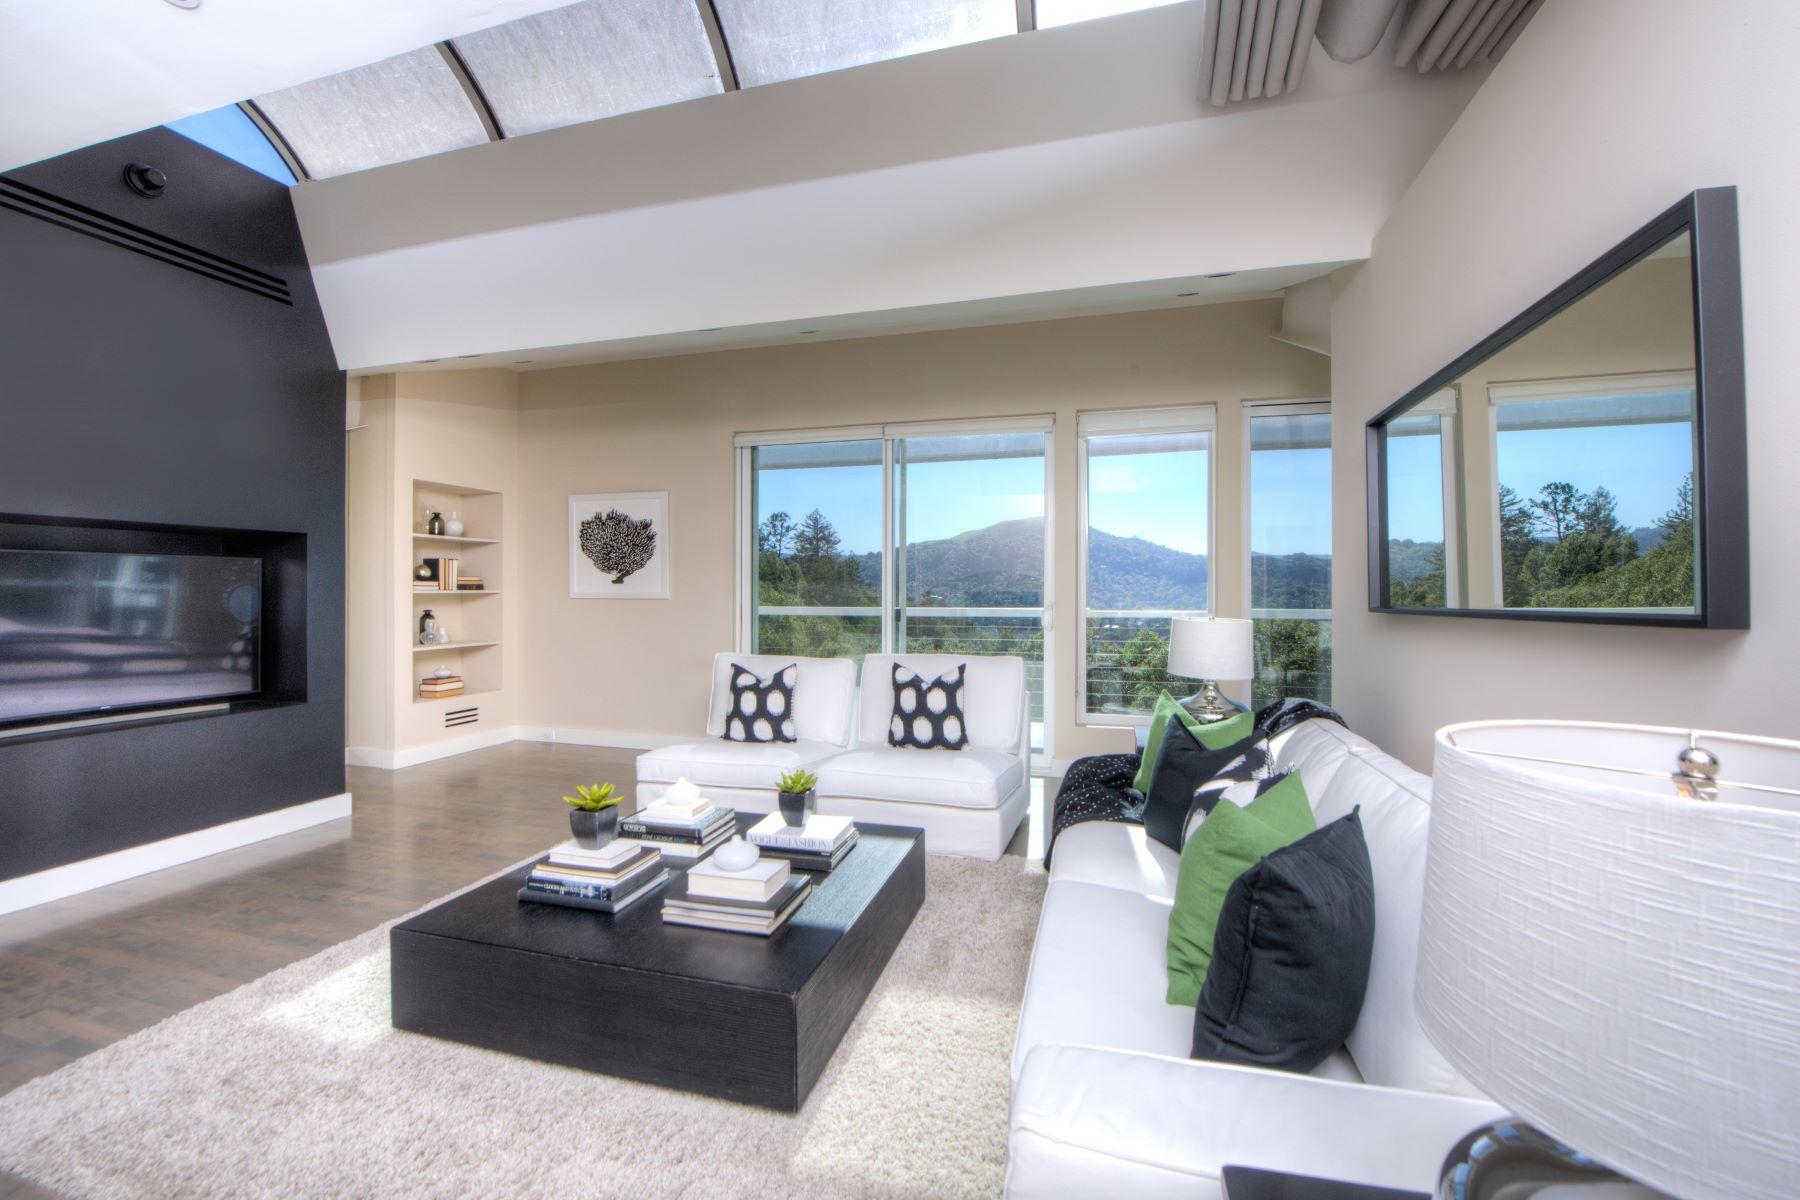 단독 가정 주택 용 매매 에 Sleek Modern Winship Park View Home 72 Baywood Avenue Ross, 캘리포니아, 94957 미국